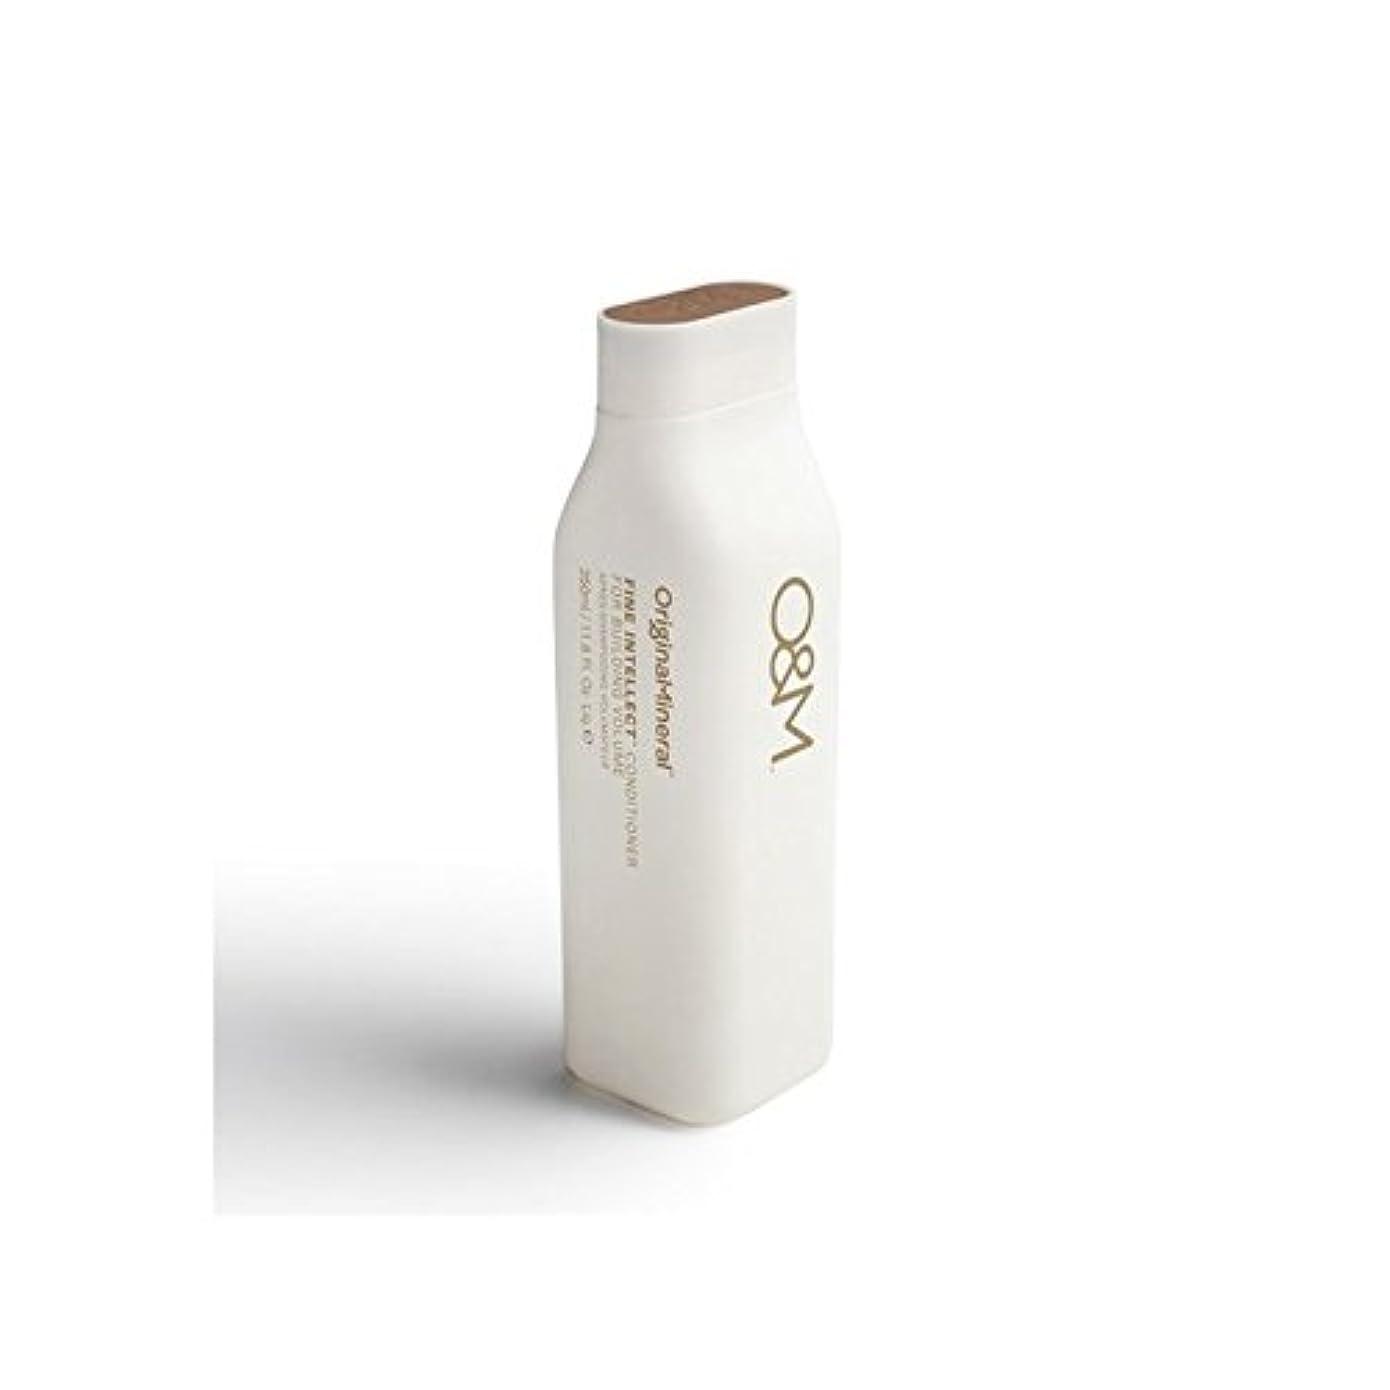 コピー大きい親指オリジナル&ミネラル細かい知性コンディショナー(350ミリリットル) x4 - Original & Mineral Fine Intellect Conditioner (350ml) (Pack of 4) [並行輸入品]